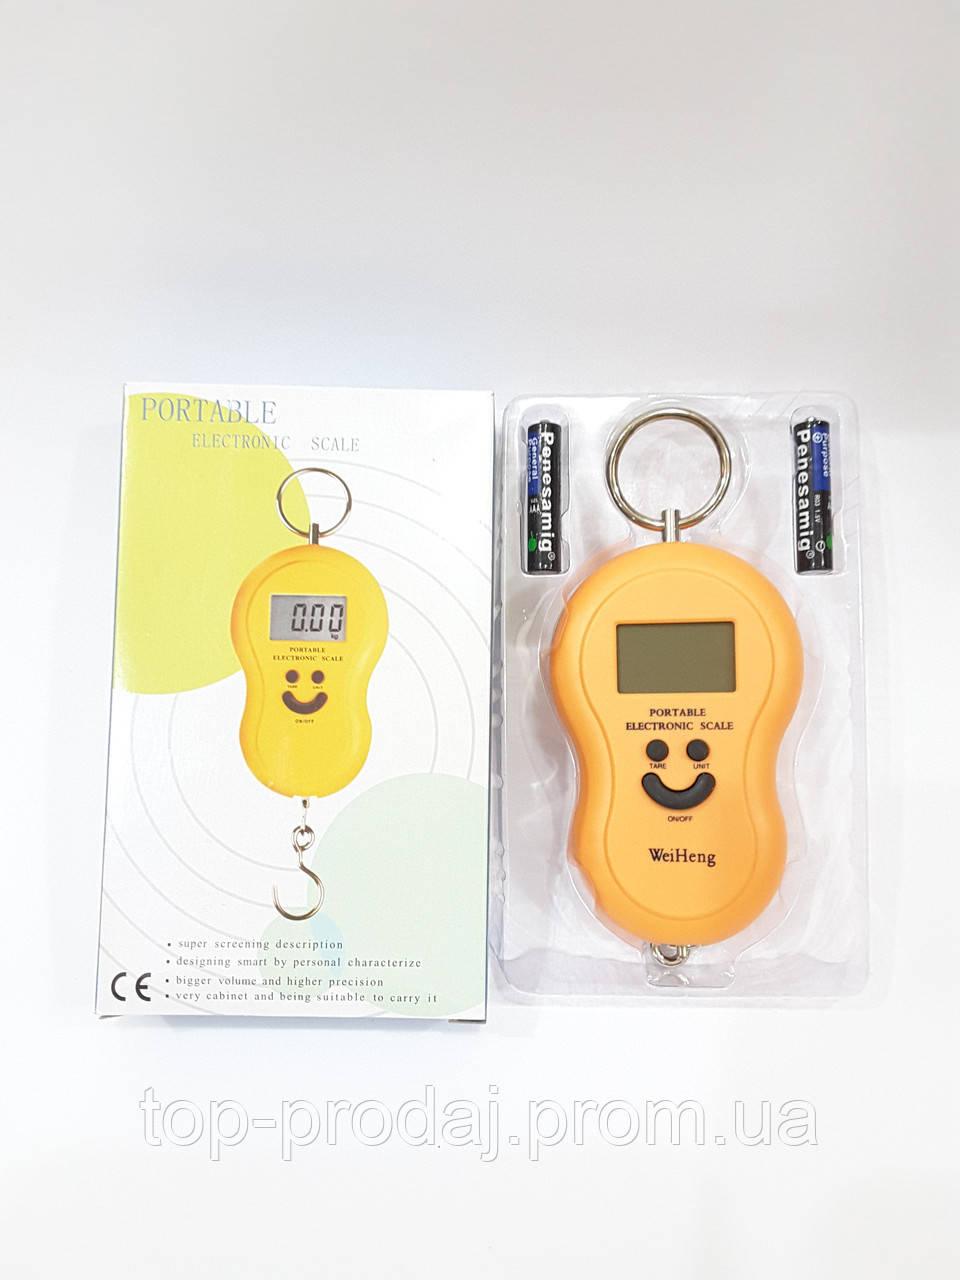 Scale Kanter Smile 40 kg, Кантер электронные весы, Кантор электронный 40 кг, Кантерные электронные весы